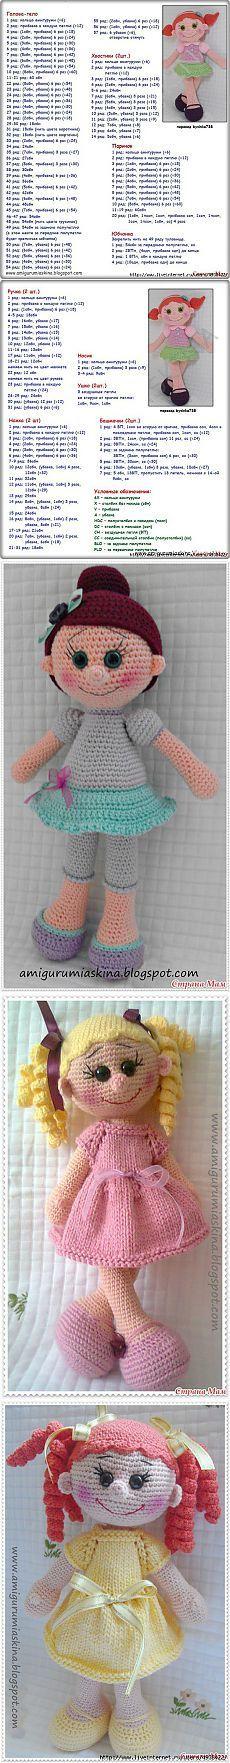 Вязаная куколка - амигуруми (перевод описания).